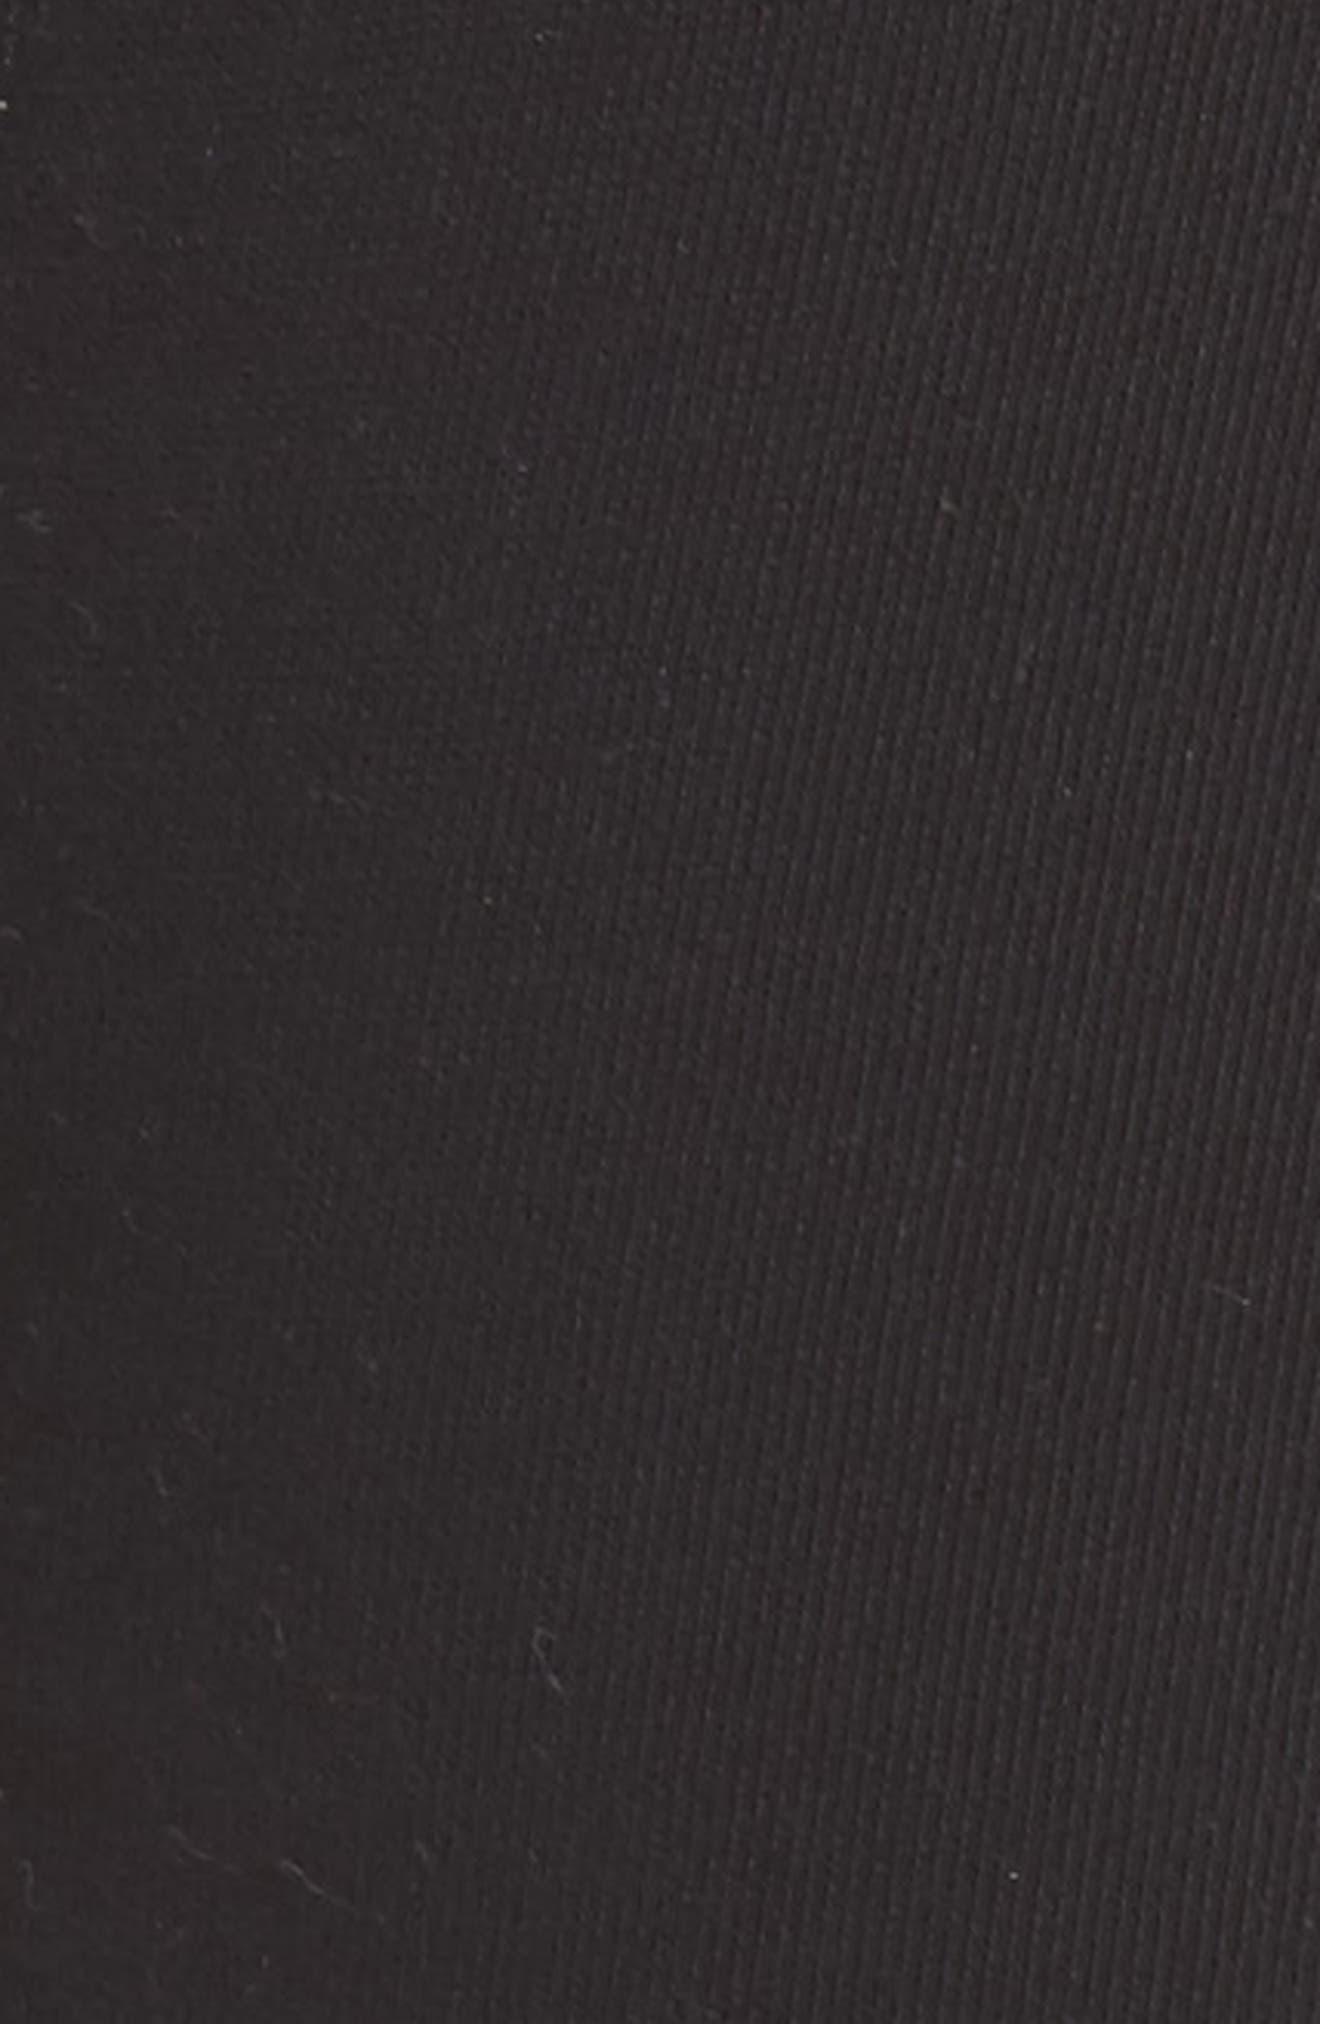 Lace Up Lounge Pants,                             Alternate thumbnail 9, color,